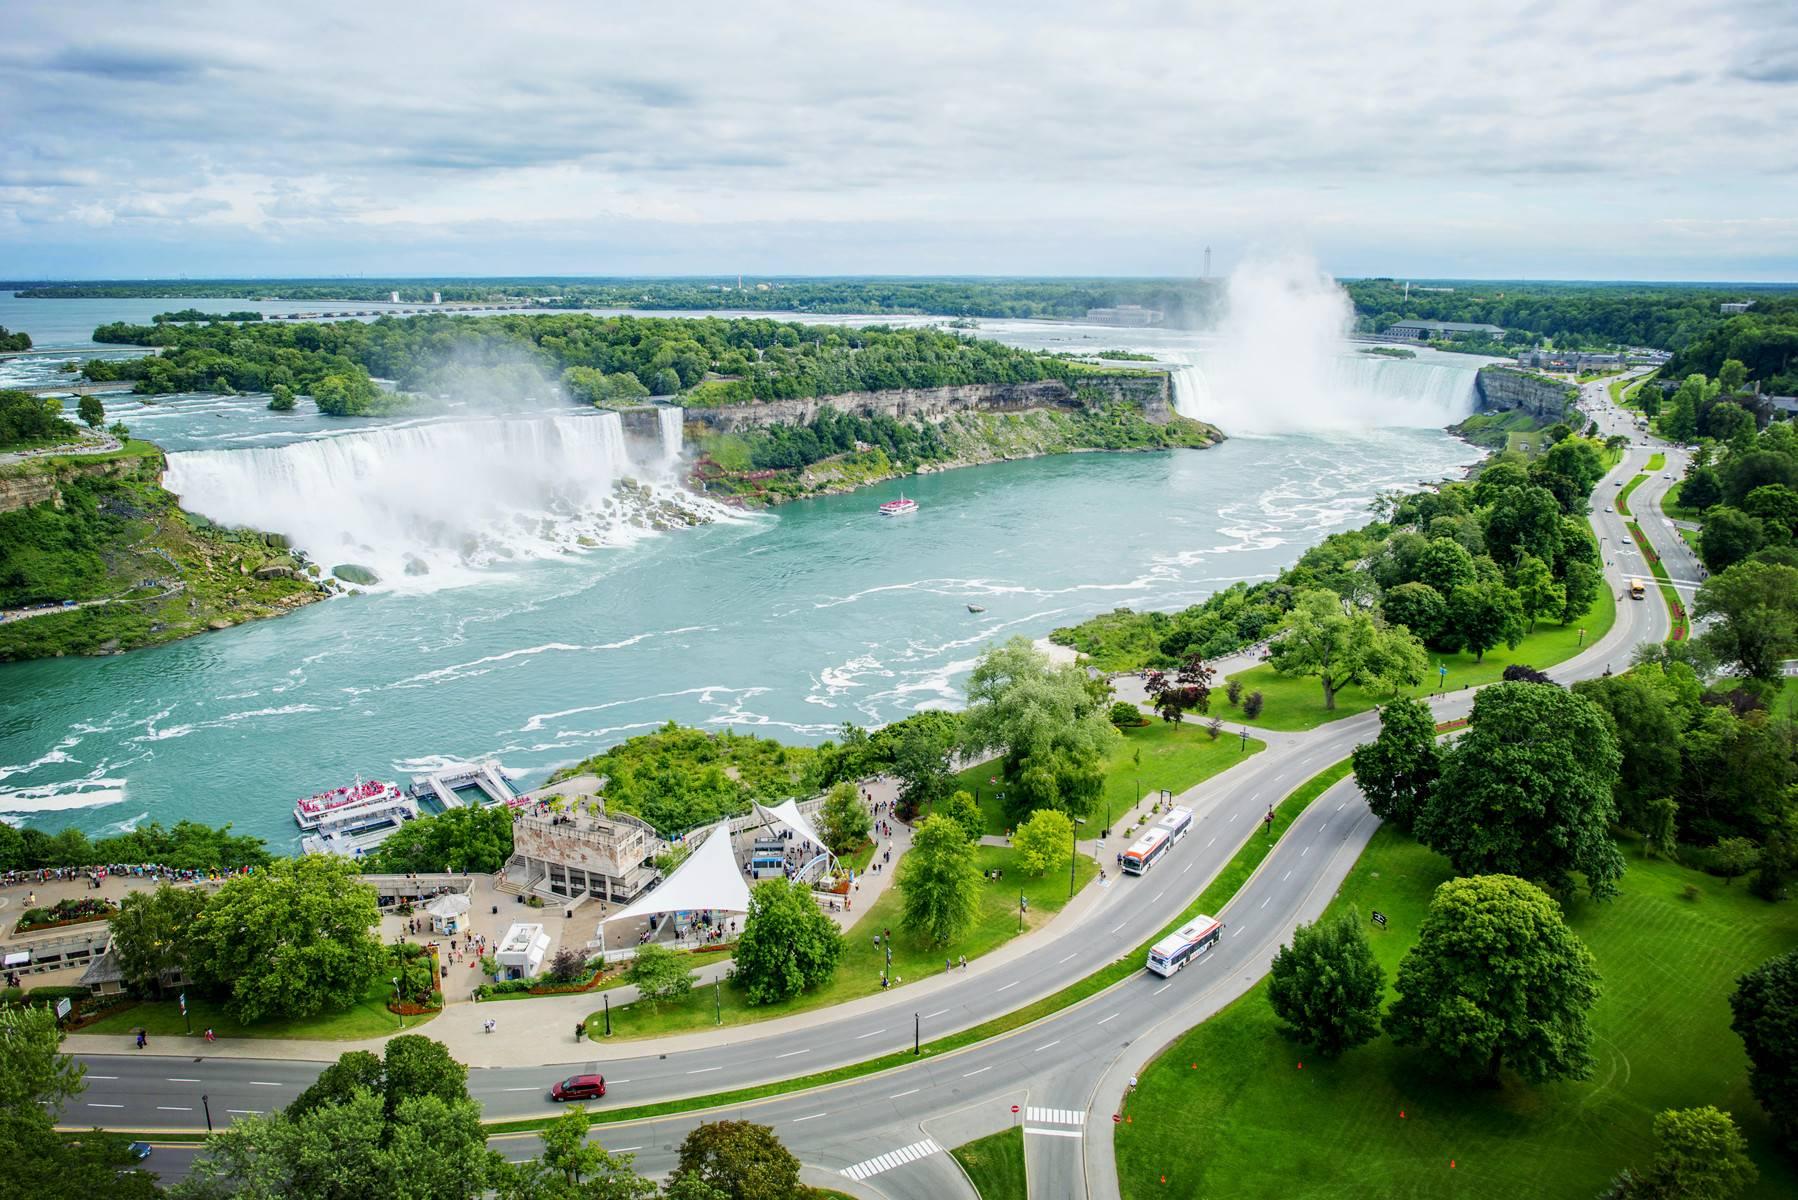 5-Day Chicago to Niagara Falls Tour W/ Detroit, Toronto, & Cleveland